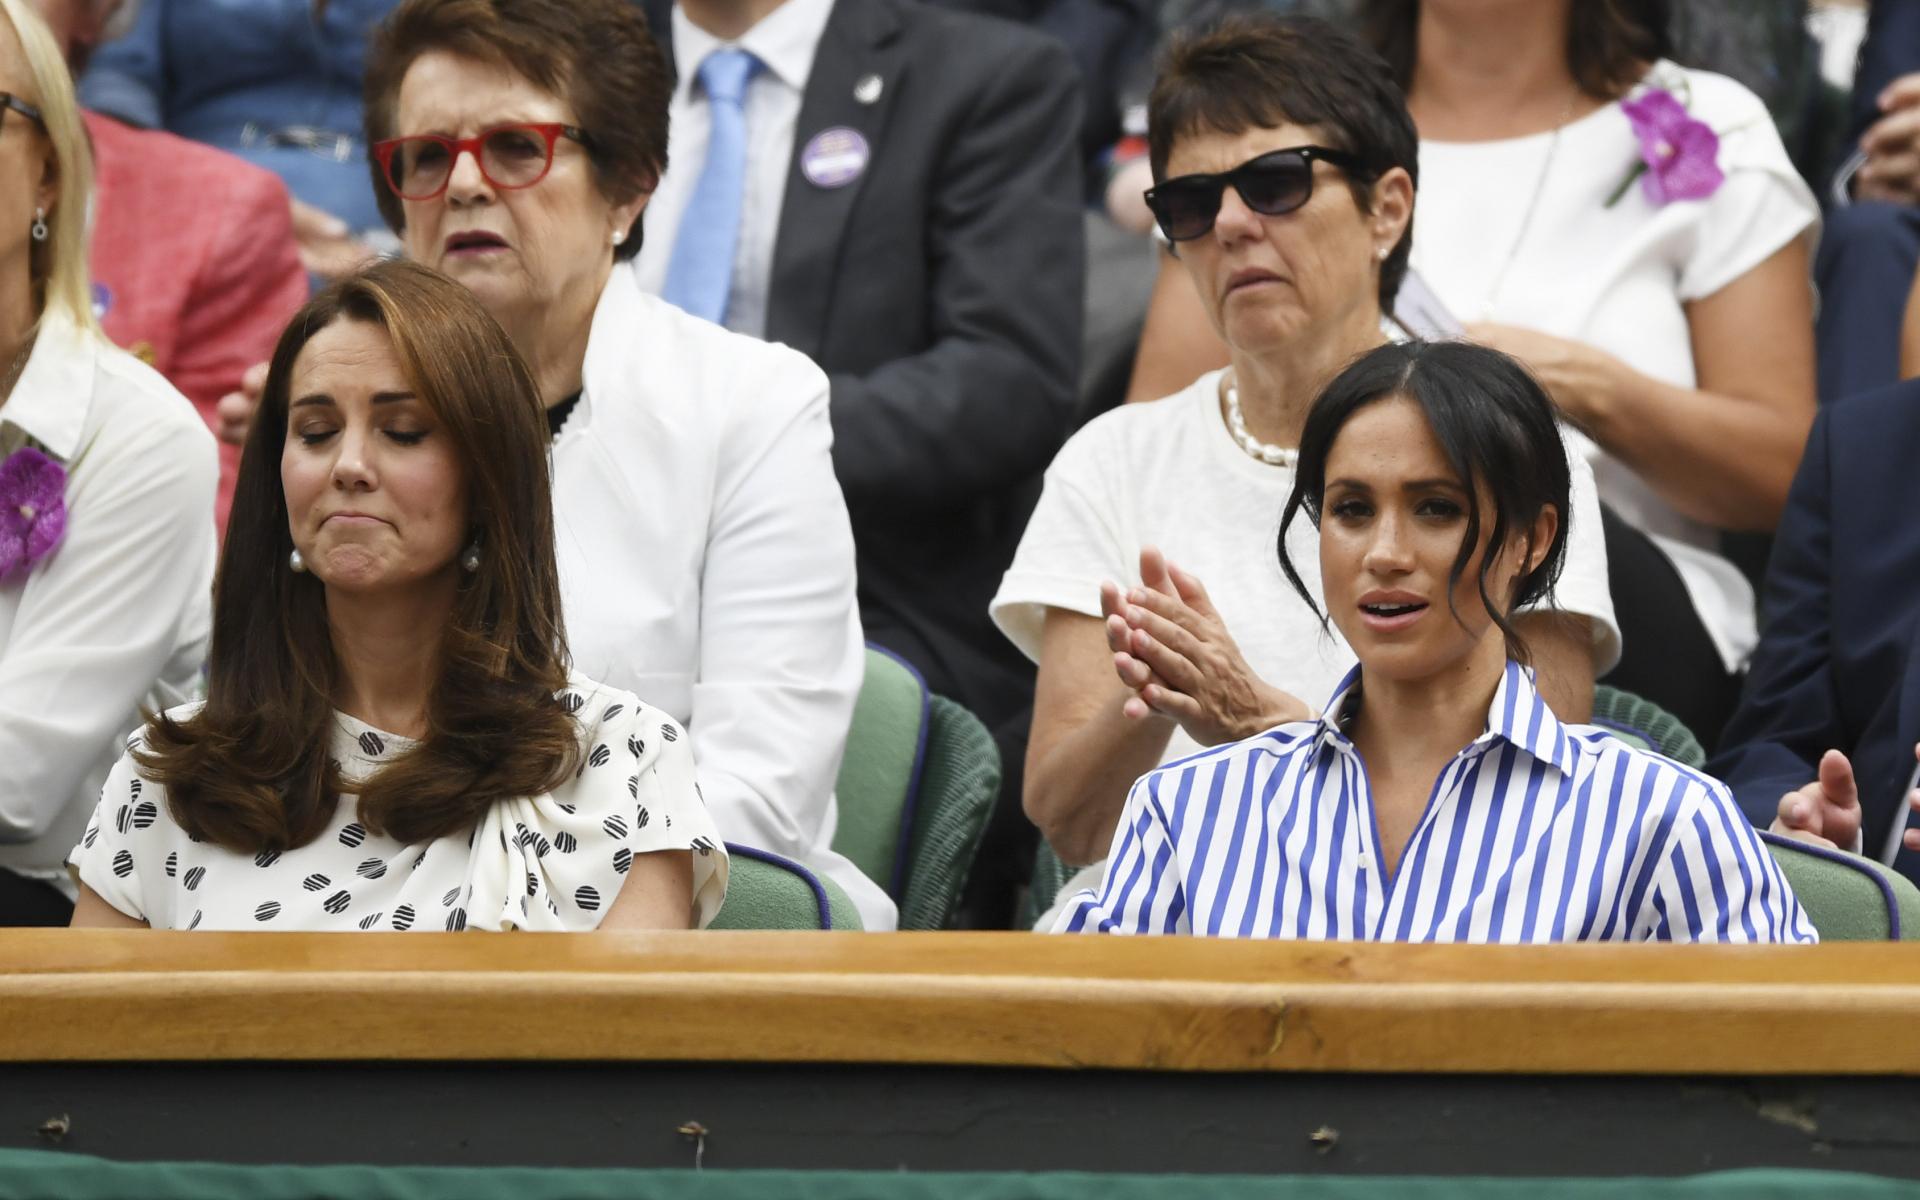 Pot fi Meghan Markle și Kate Middleton arestate dacă încalcă legea?